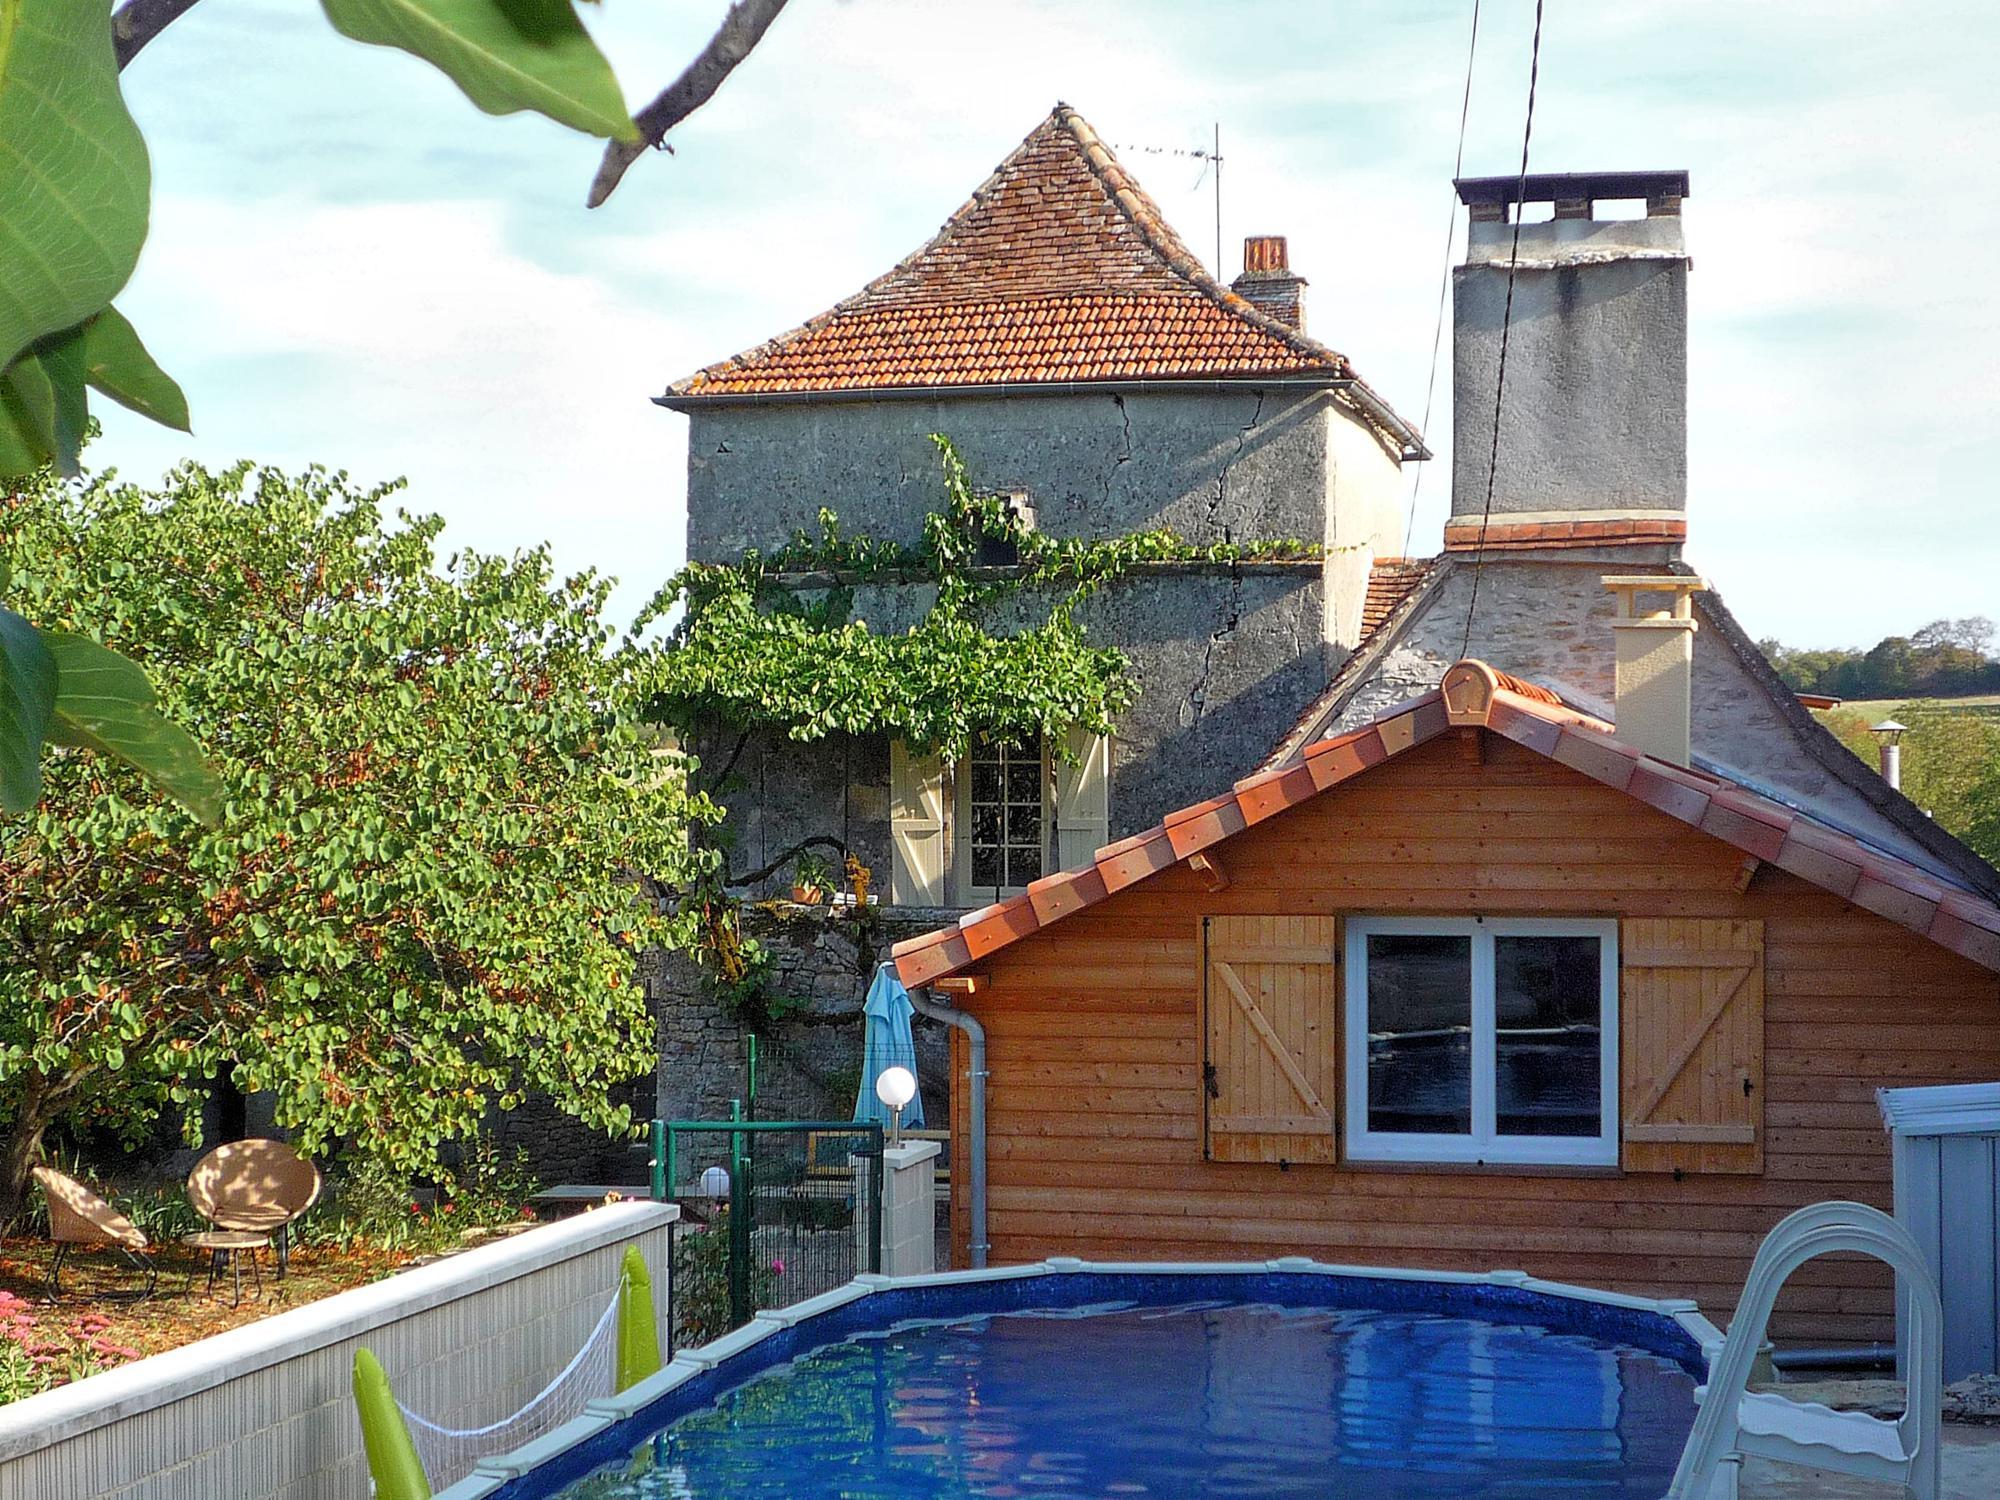 Location De Vacances Avec Piscine En Floirac, Dordogne Limousin